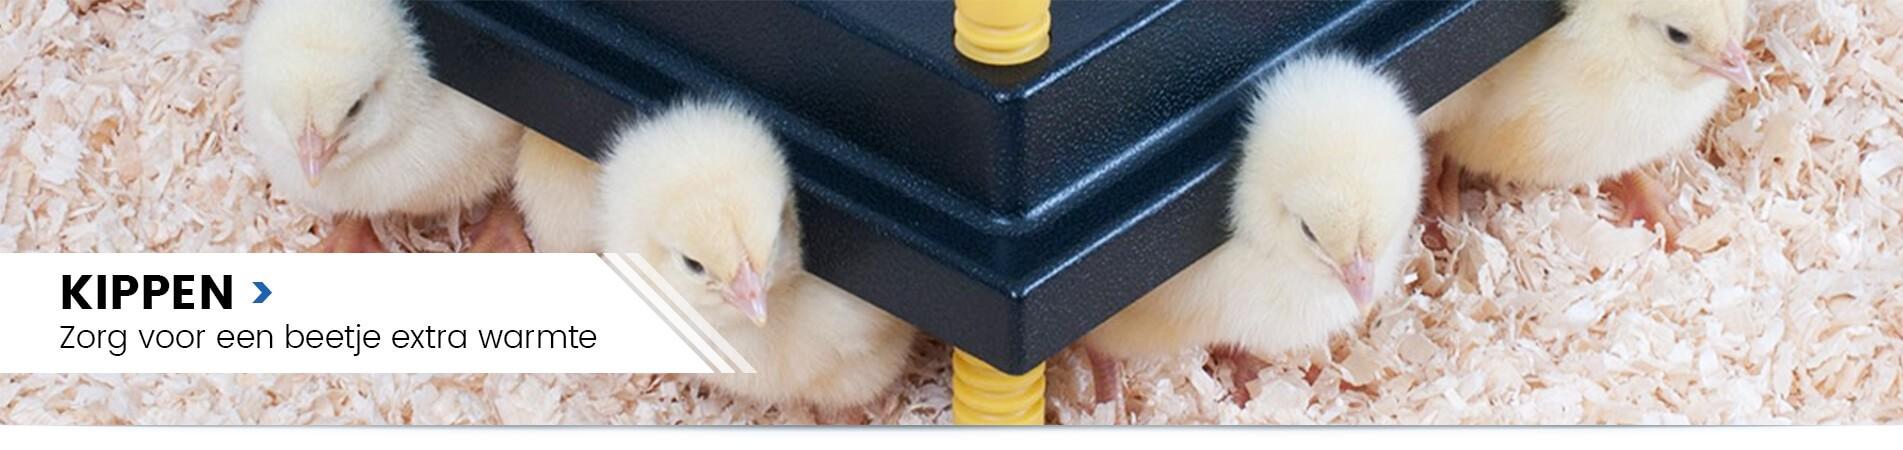 Worldofanimals - Alles voor uw kippen